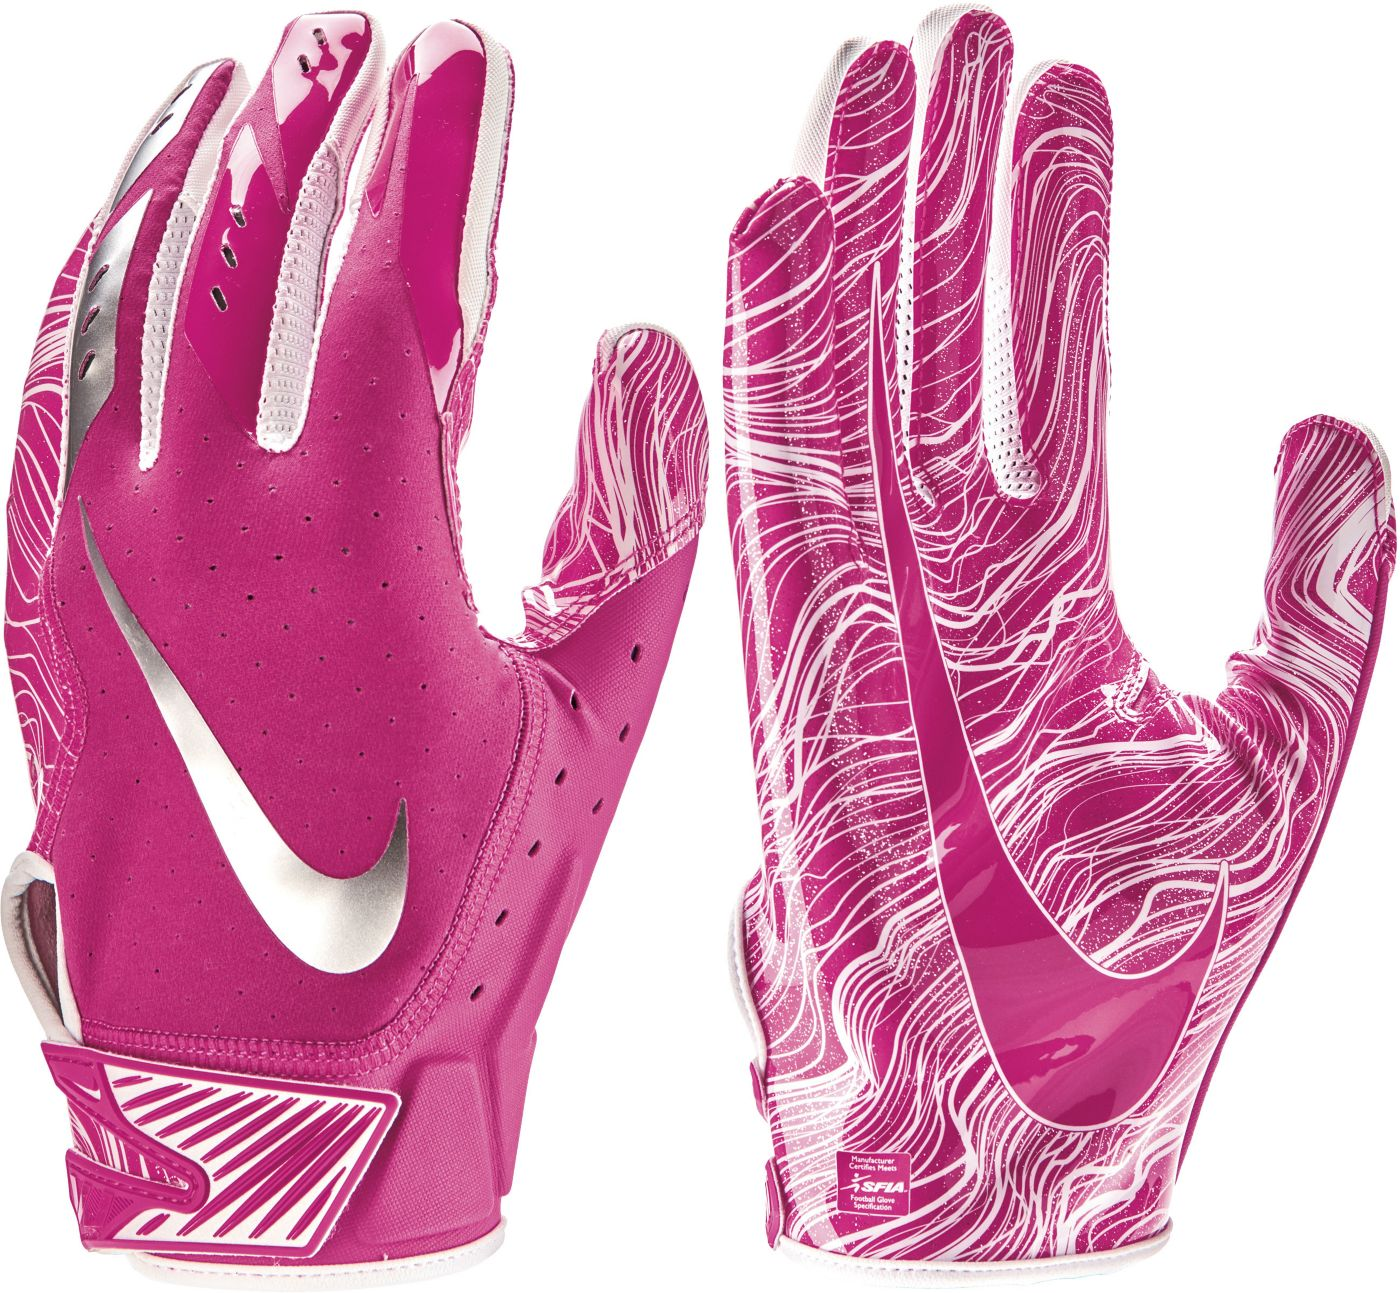 Nike Adult Vapor Jet 5.0 Breast Cancer Awareness Receiver Gloves